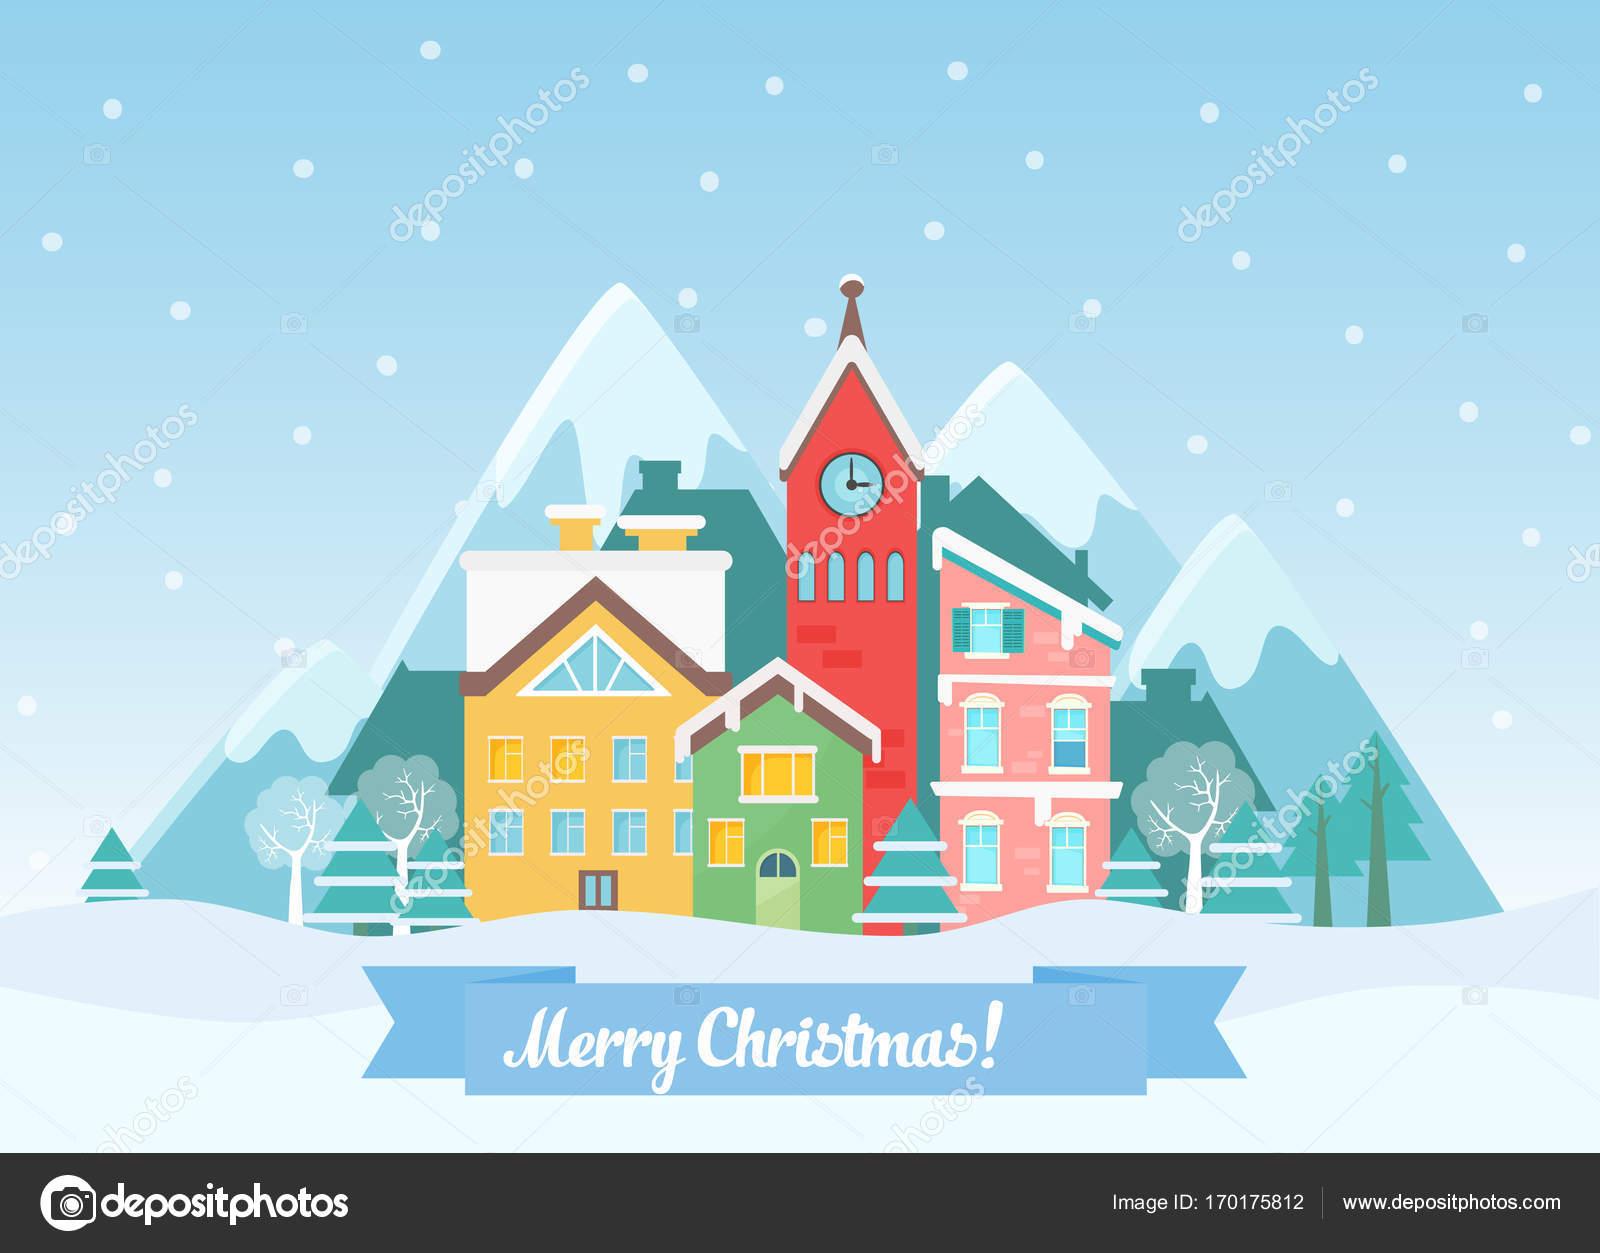 ベクトル フラット冬クリスマス街並み山の近く雪が降るとかわいい家が